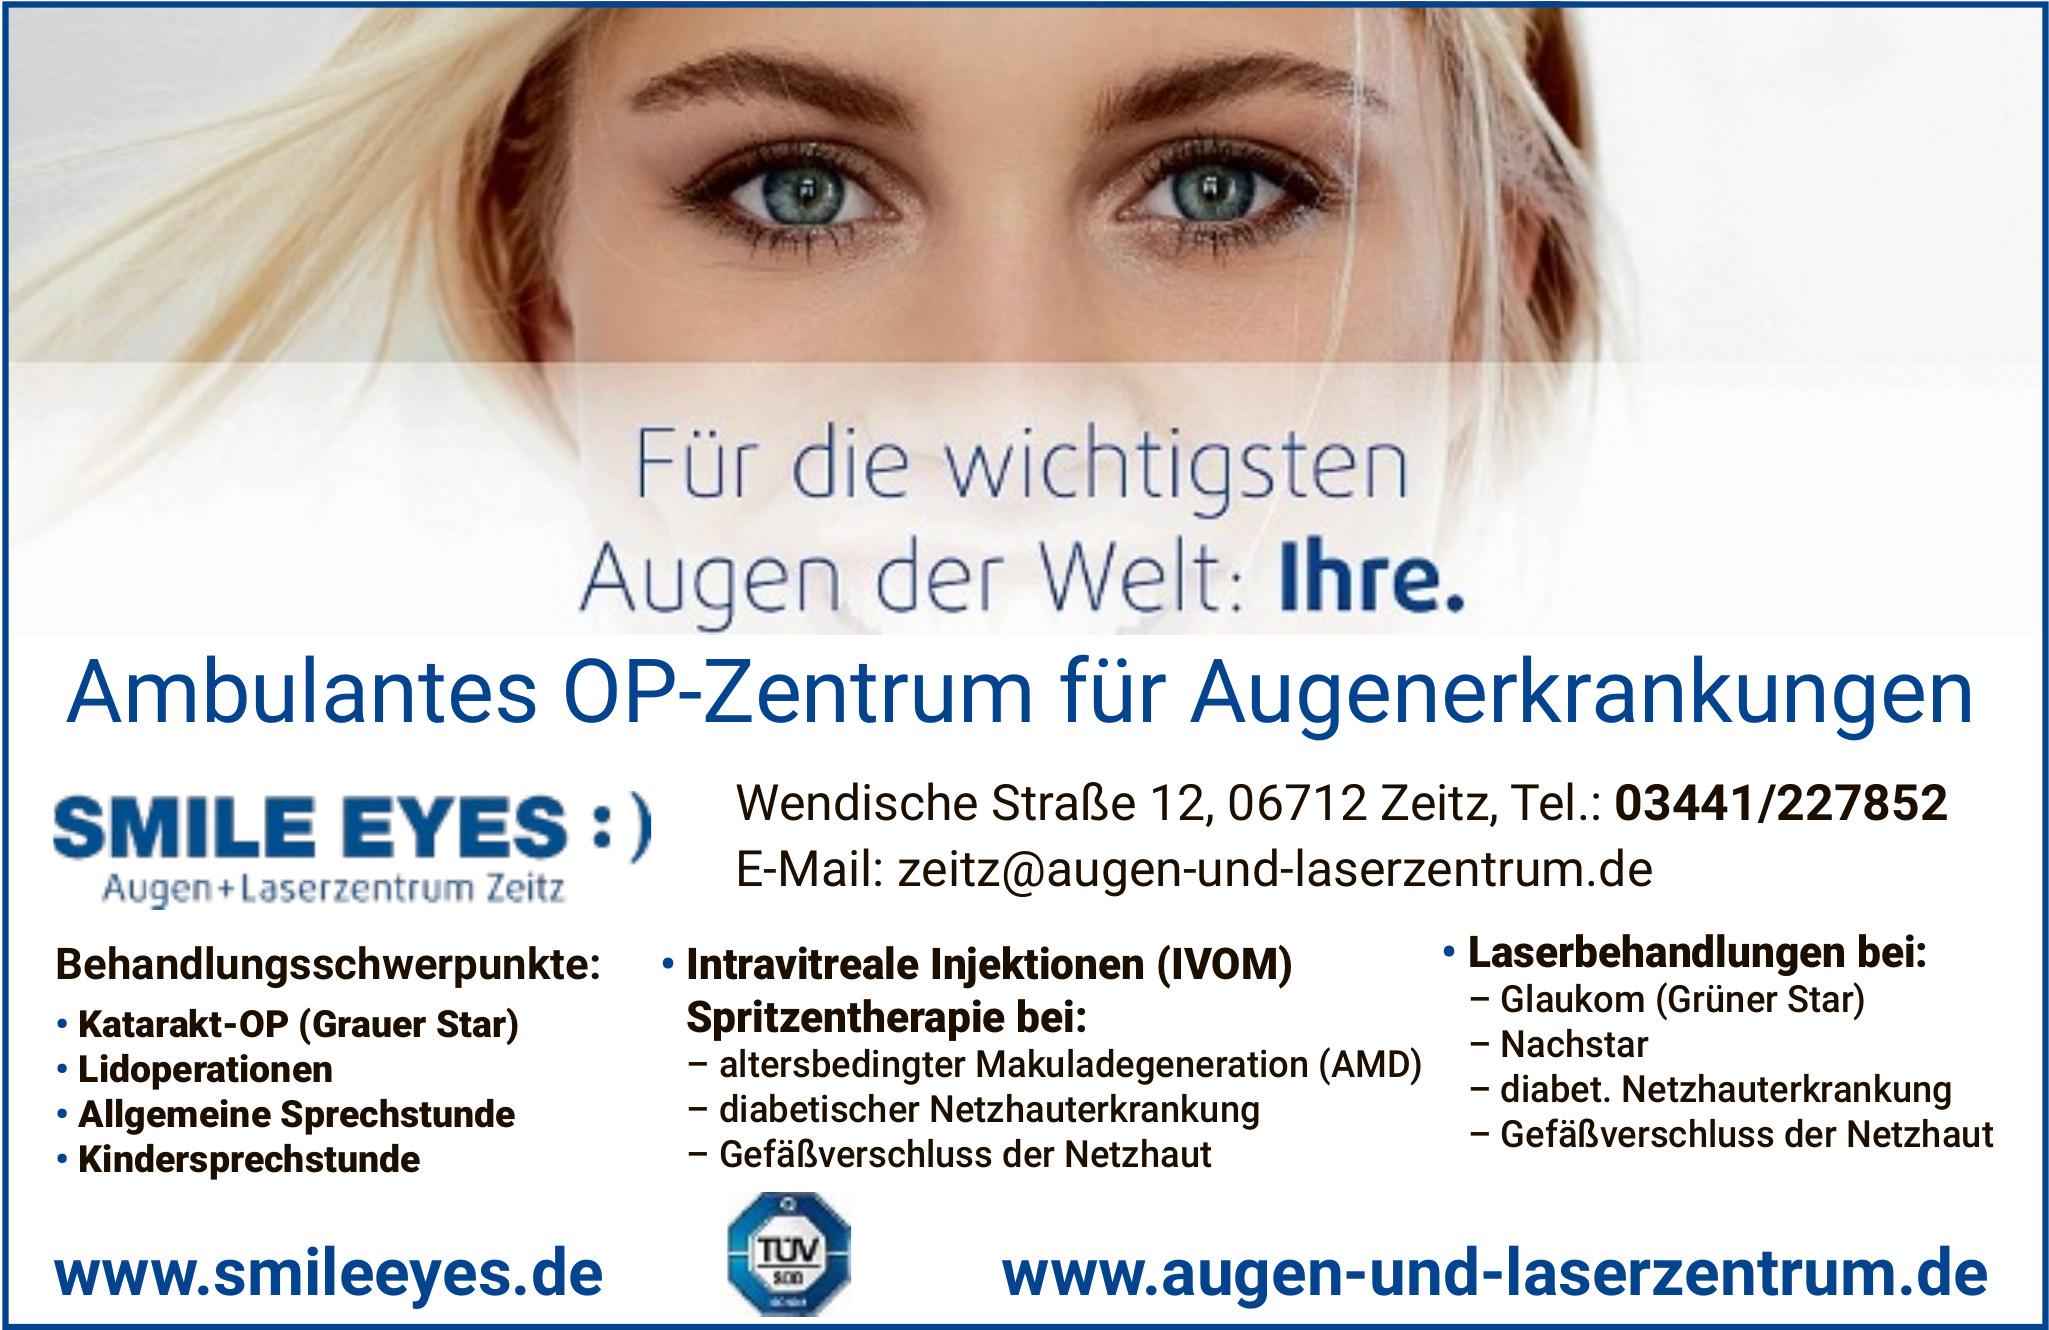 Dr. med. Laszlo Kiraly Augen- und Laserzentrum Leipzig